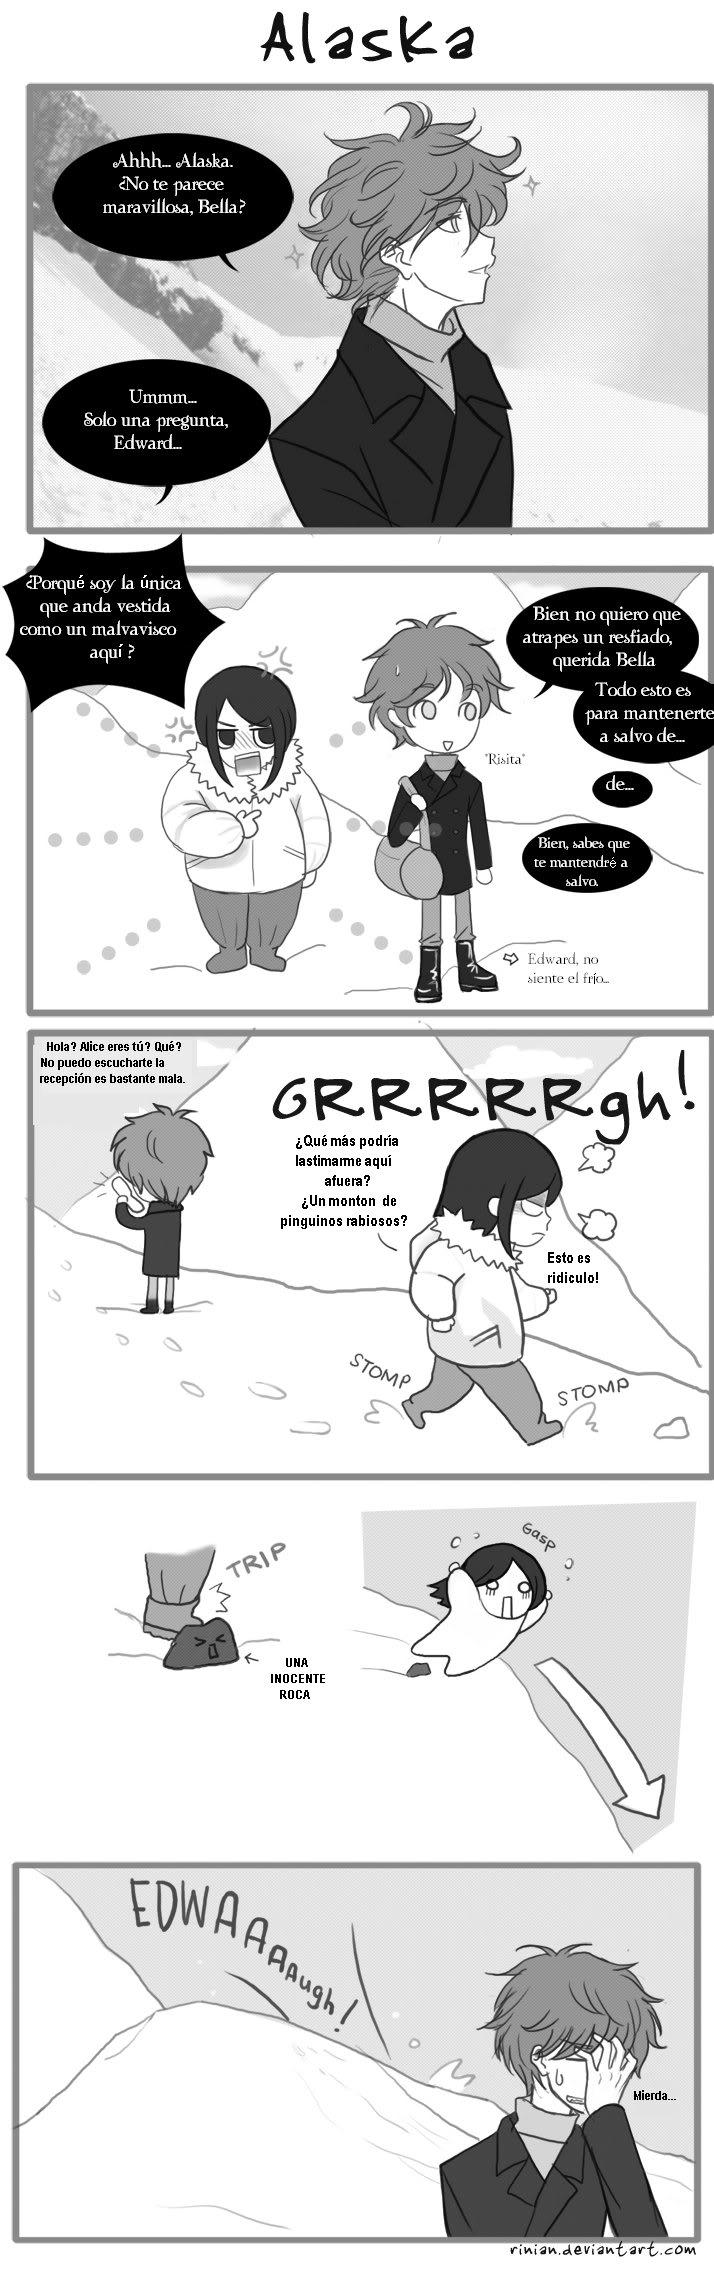 Cómics Alaska-comic